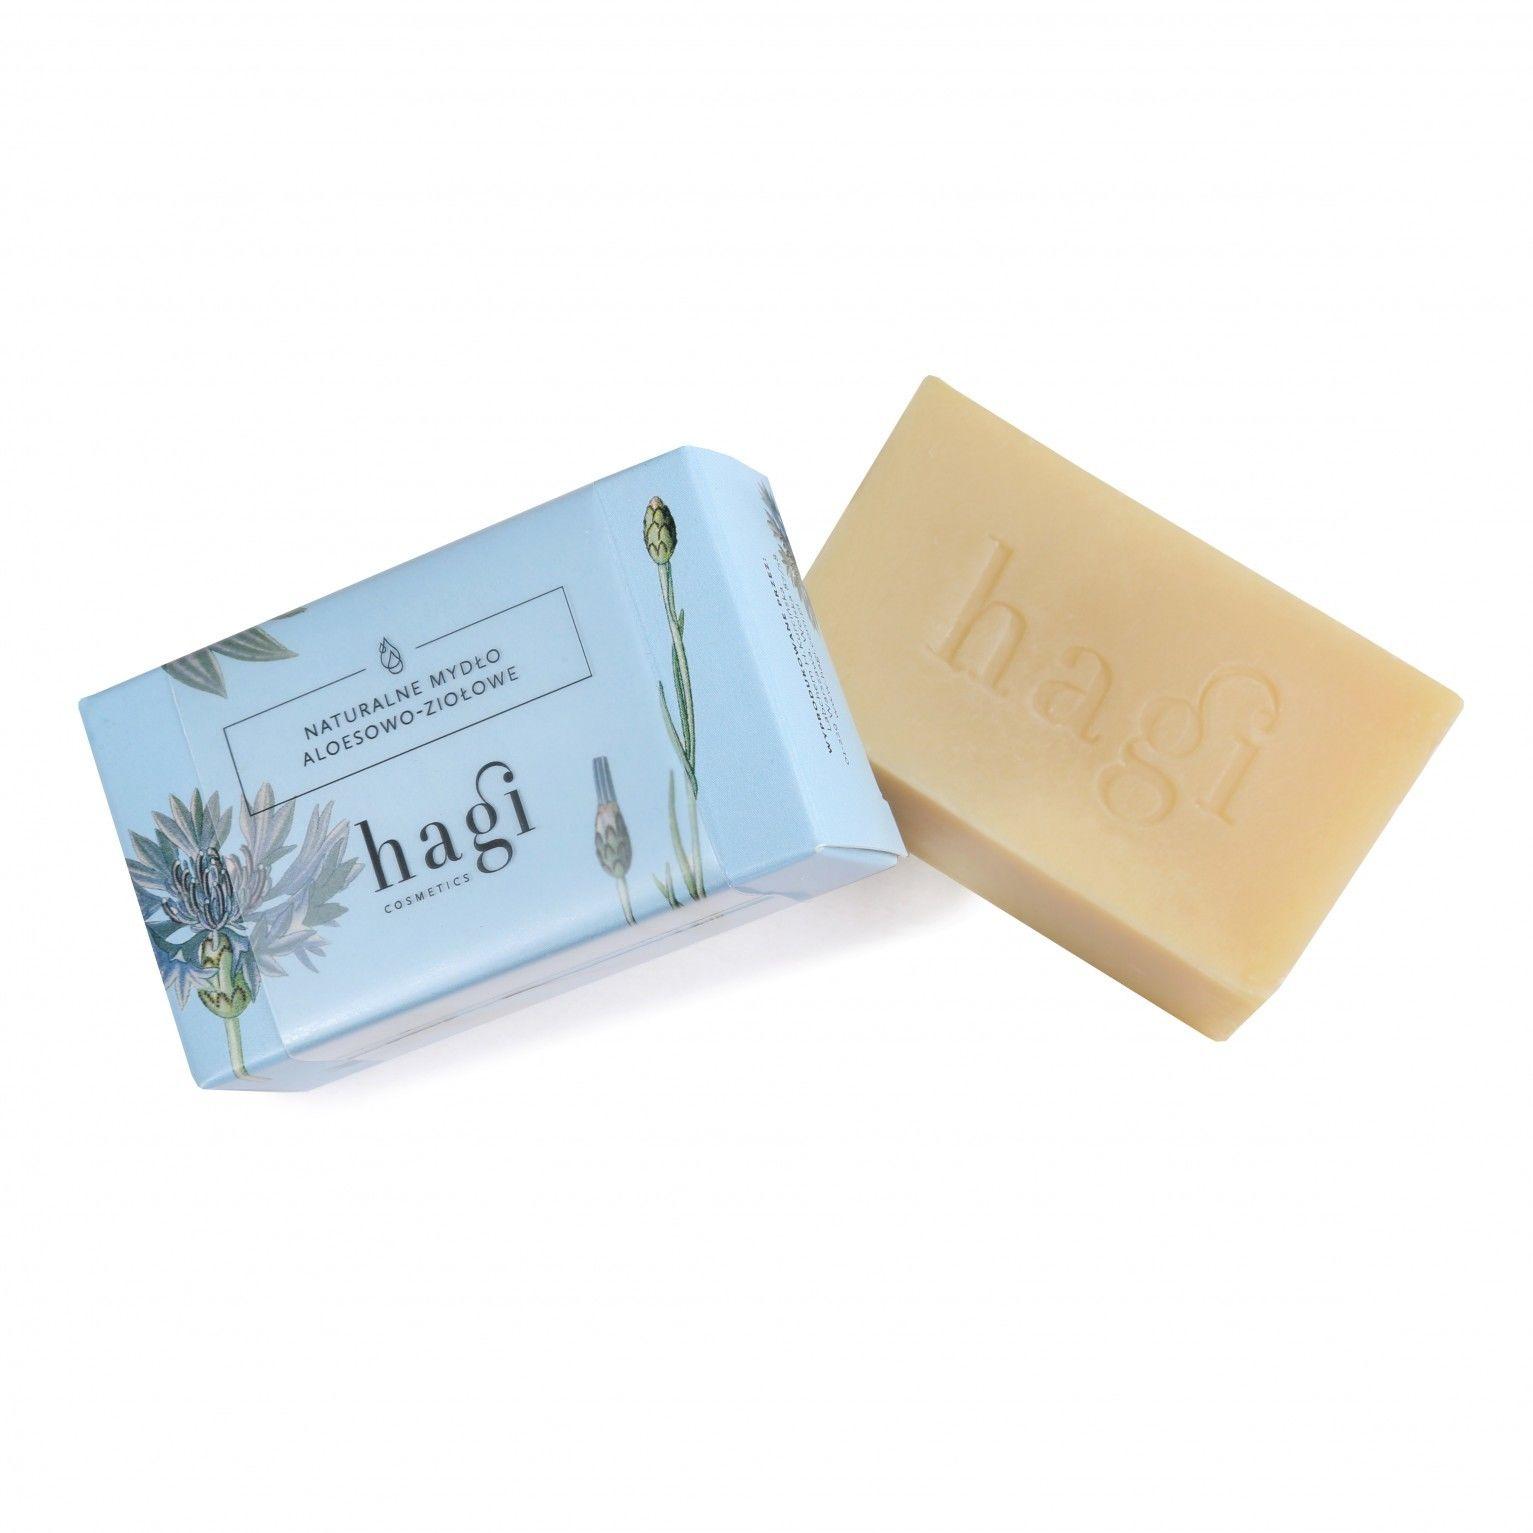 Hagi Naturalne Mydło Aloesowo-Ziołowe Mydło do skóry wrażliwej i normalnej 100 g